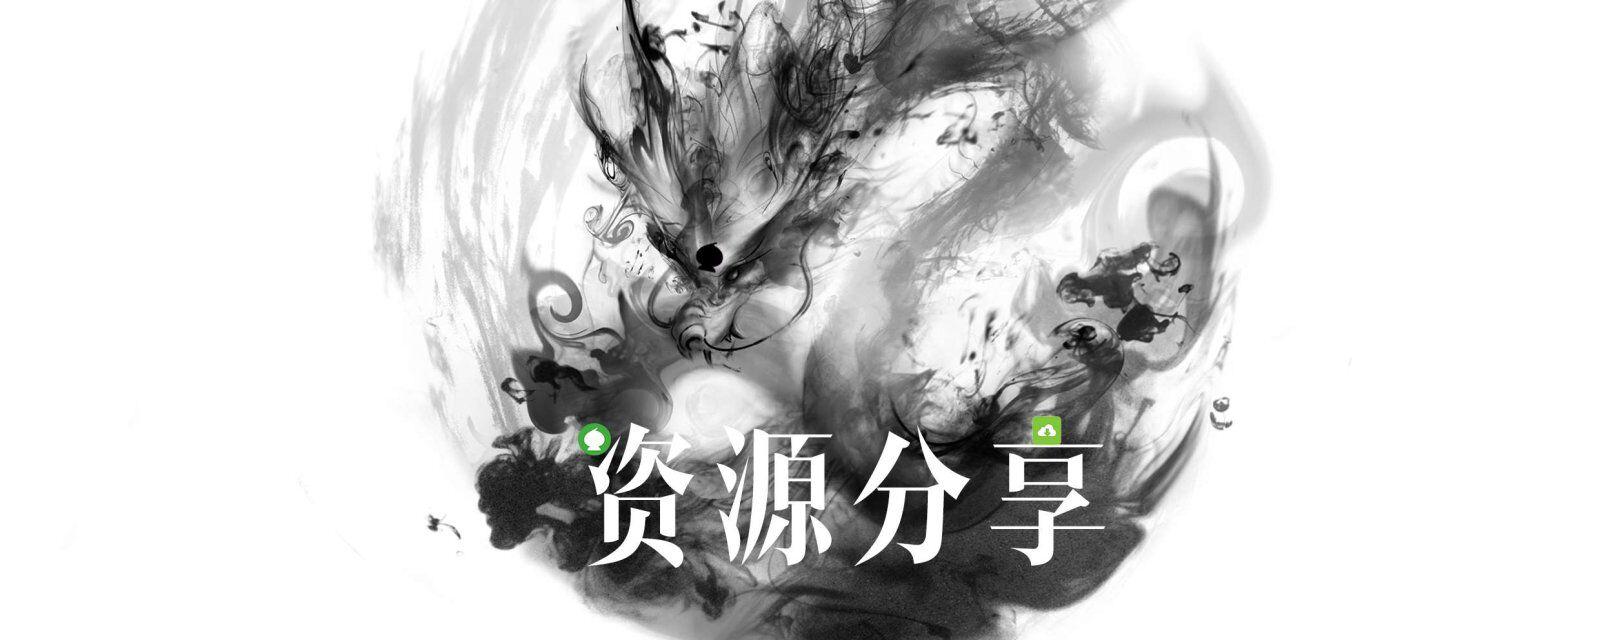 【资源分享】爱枫漫画